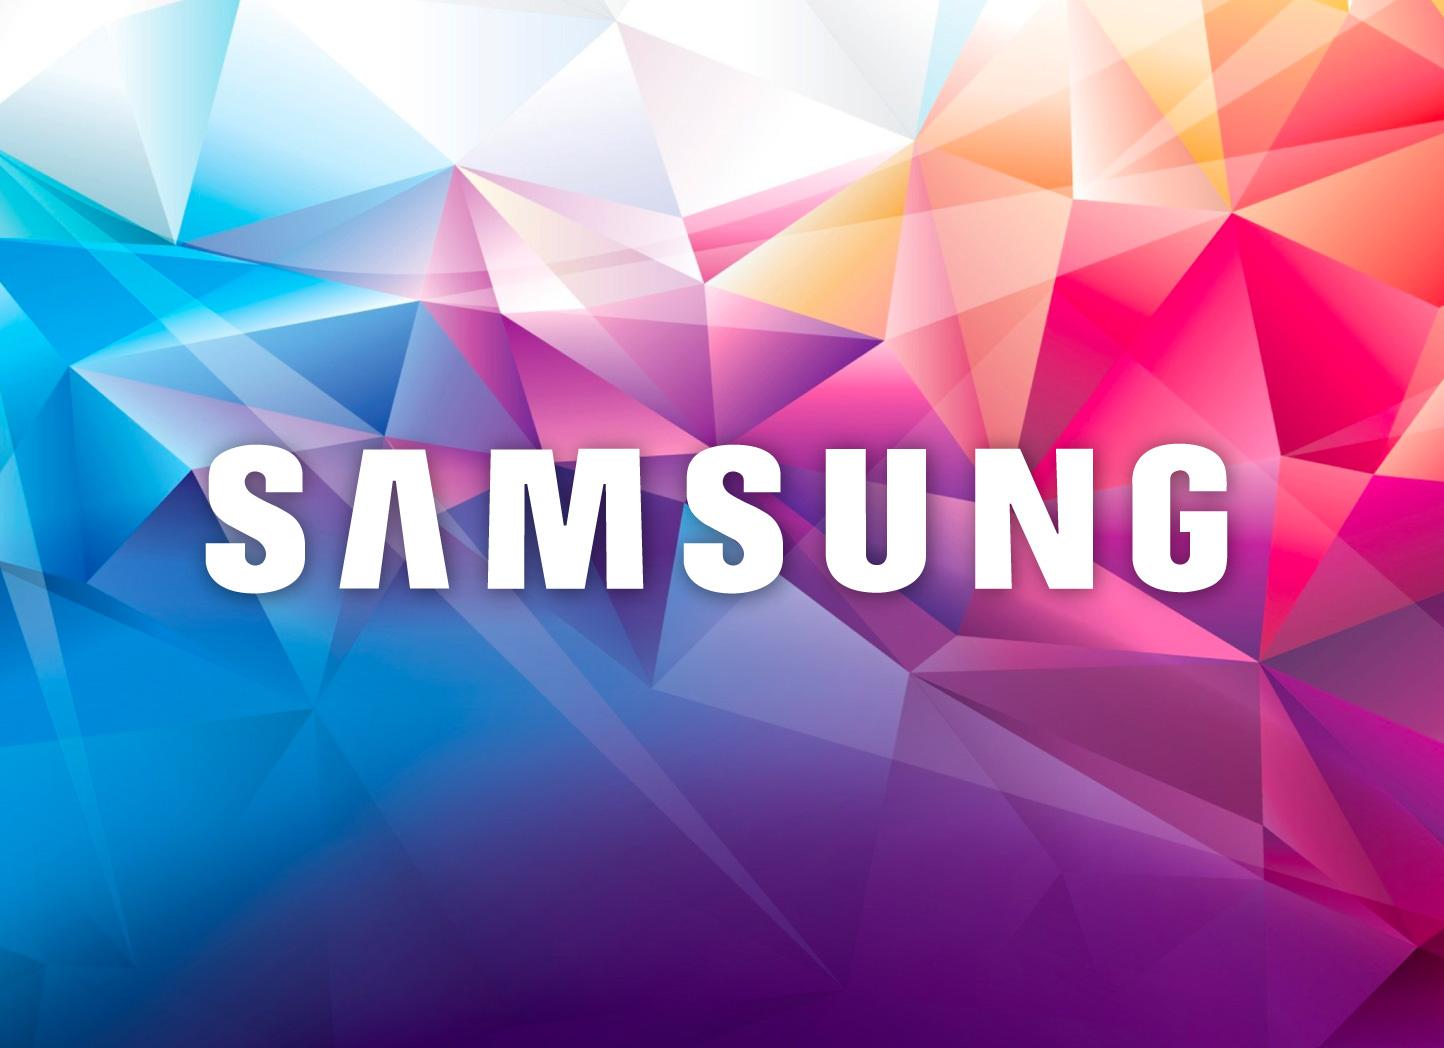 Samsung rivoluziona gli SSD con l'accoppiata hardware e software